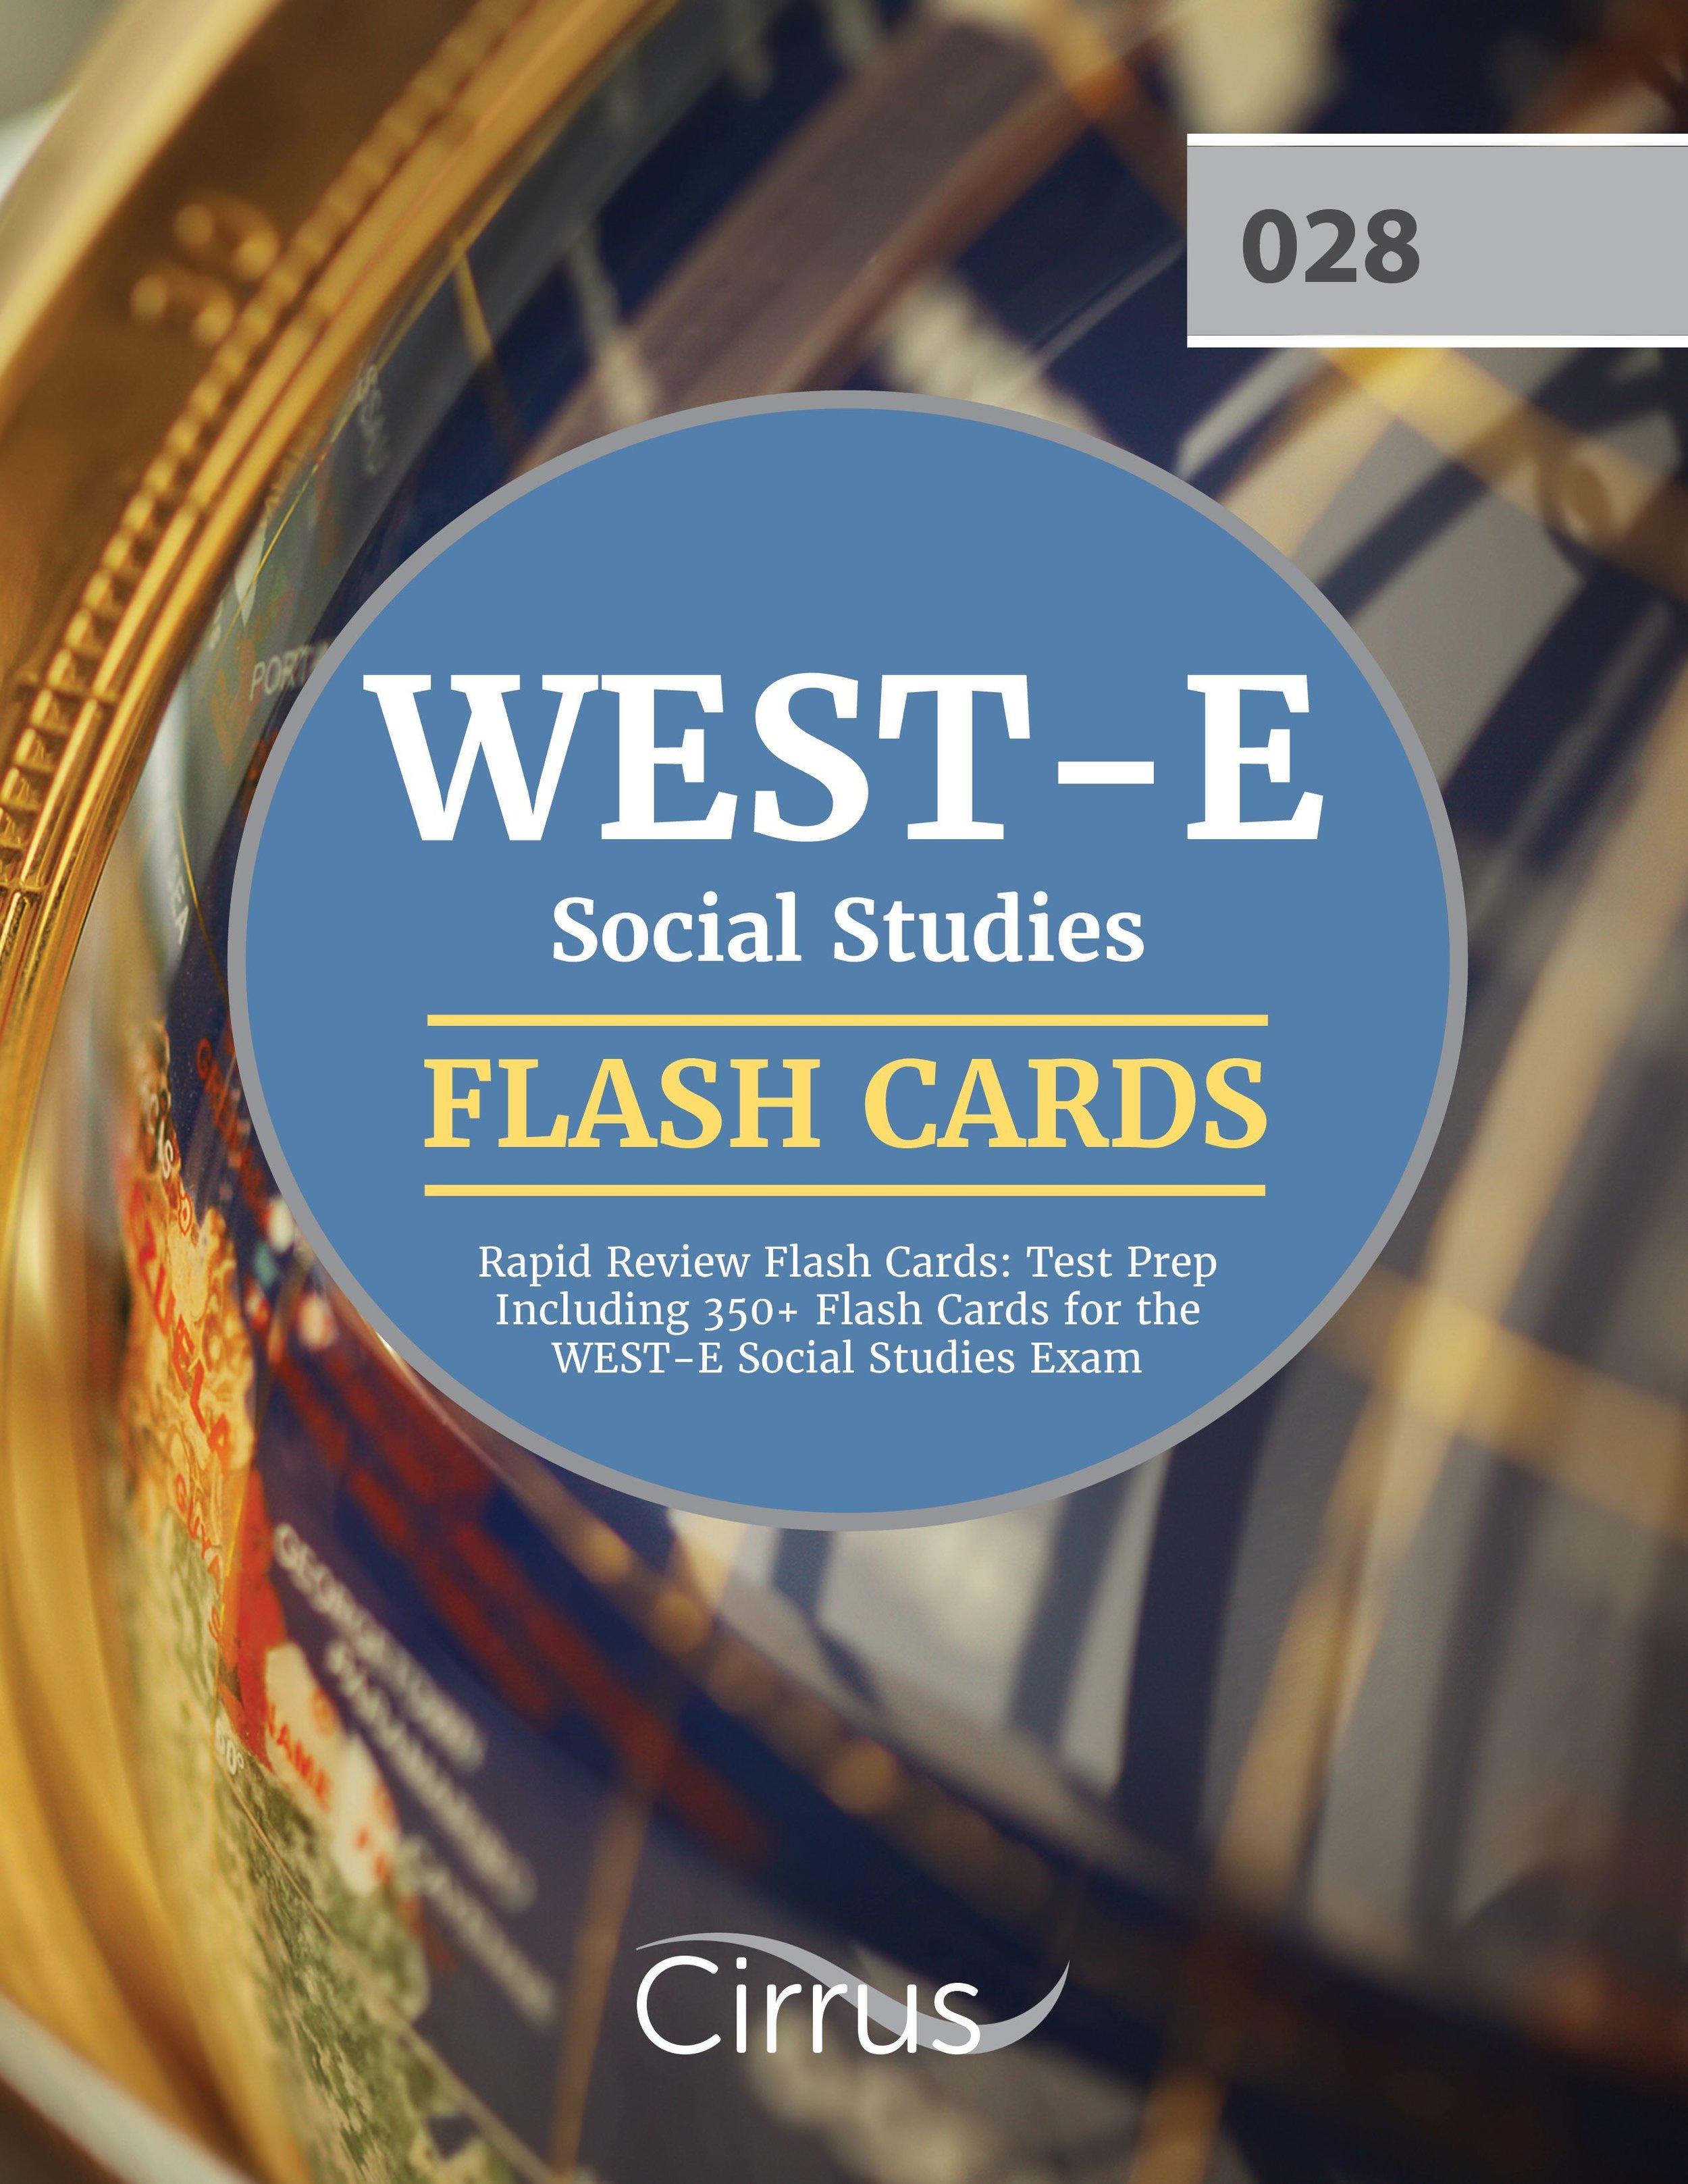 WEST-E Social Studies Rapid Review Flash Cards